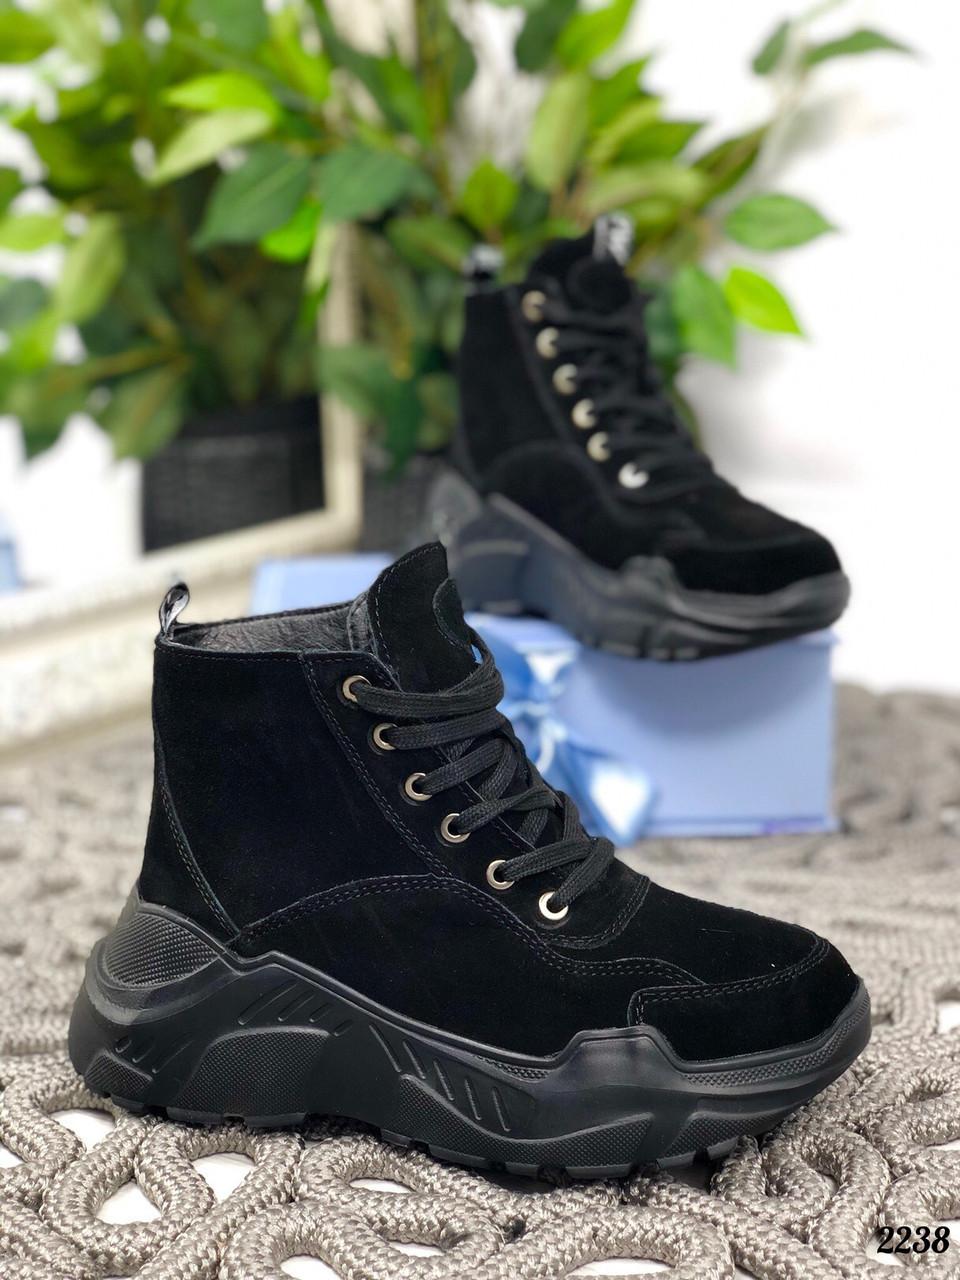 24 см Ботинки женские зимние черные замшевые на платформе, из натуральной замши, натуральная замша